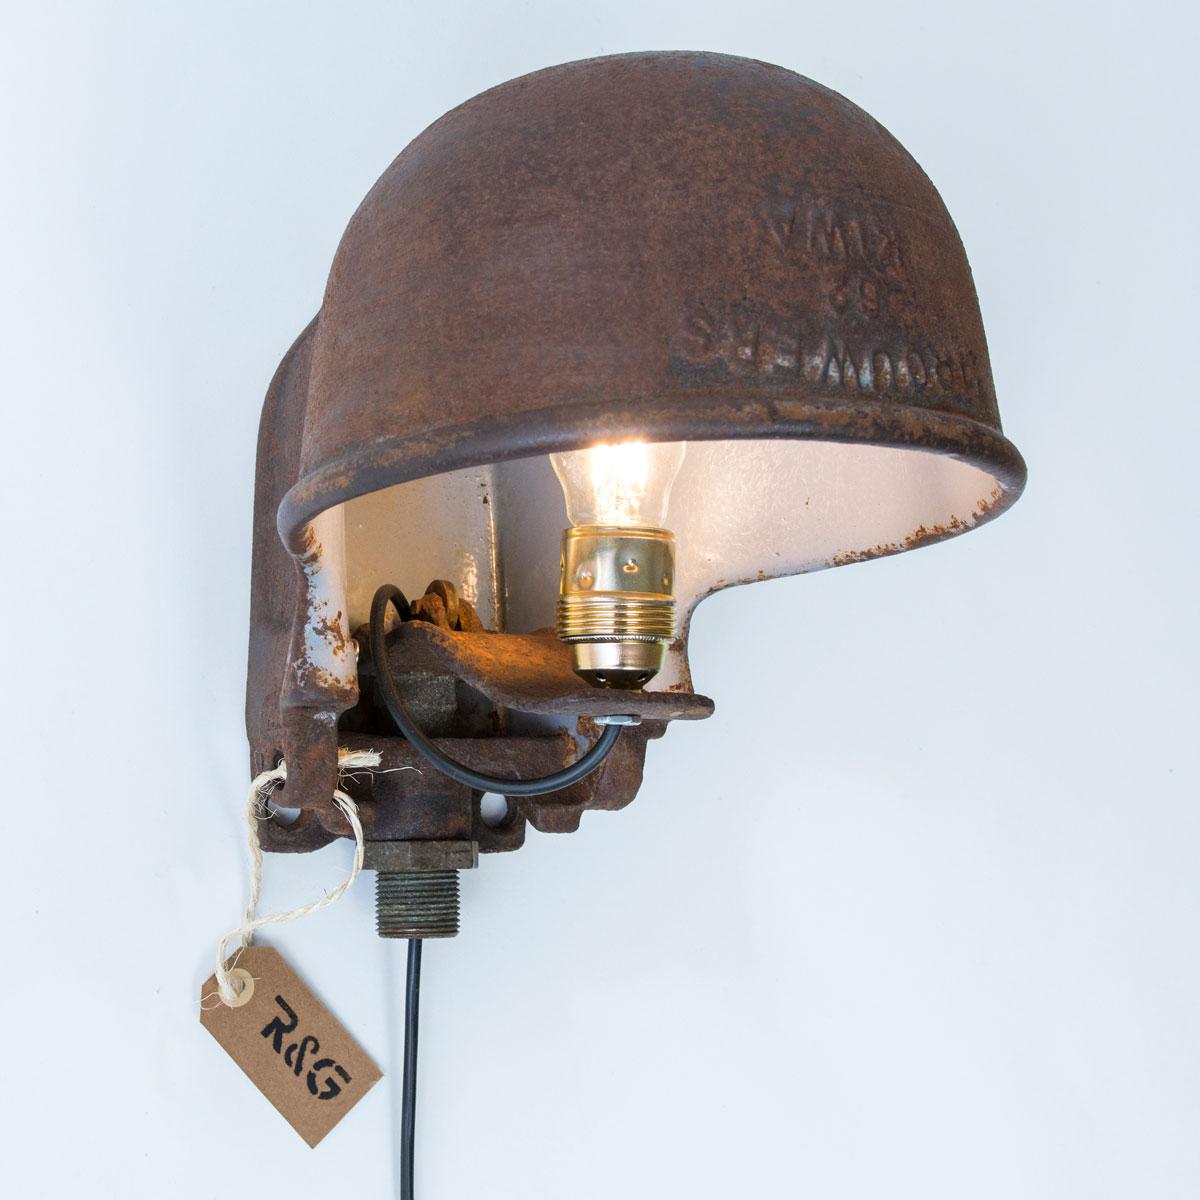 R&G Wandlamp Drinkbak